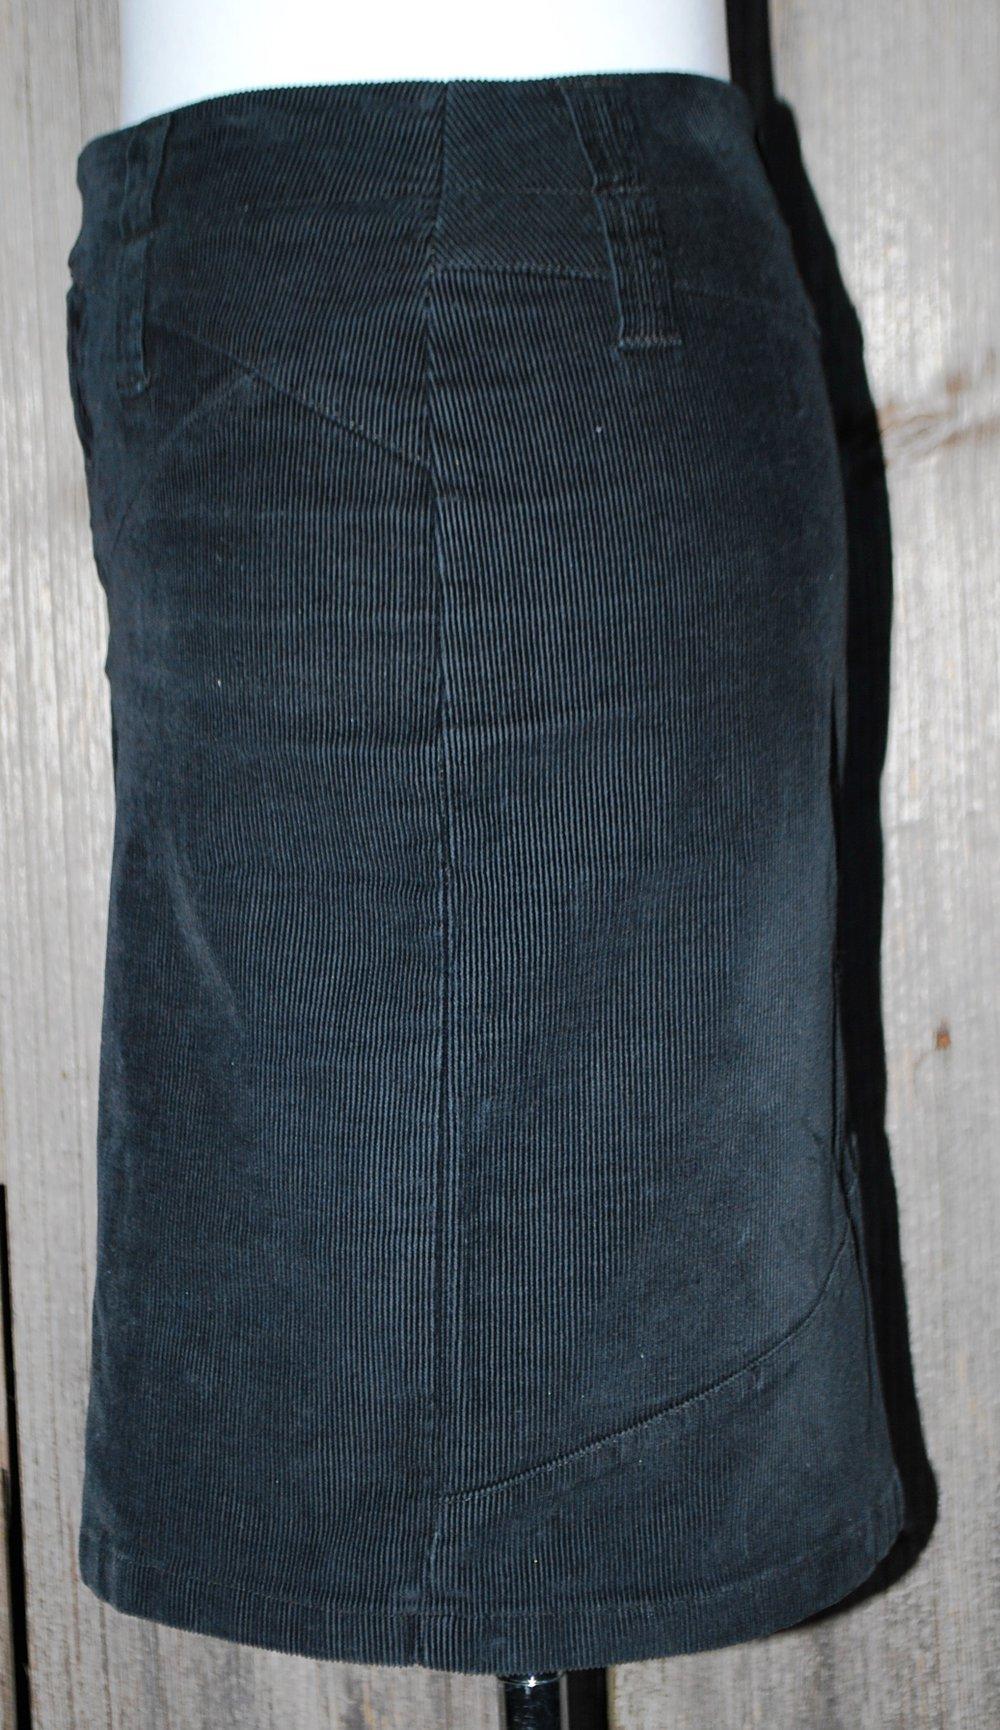 Bestpreis Suche nach Beamten elegante Form schwarzer Cordrock, United Colors of Benetton, ca. Größe 36